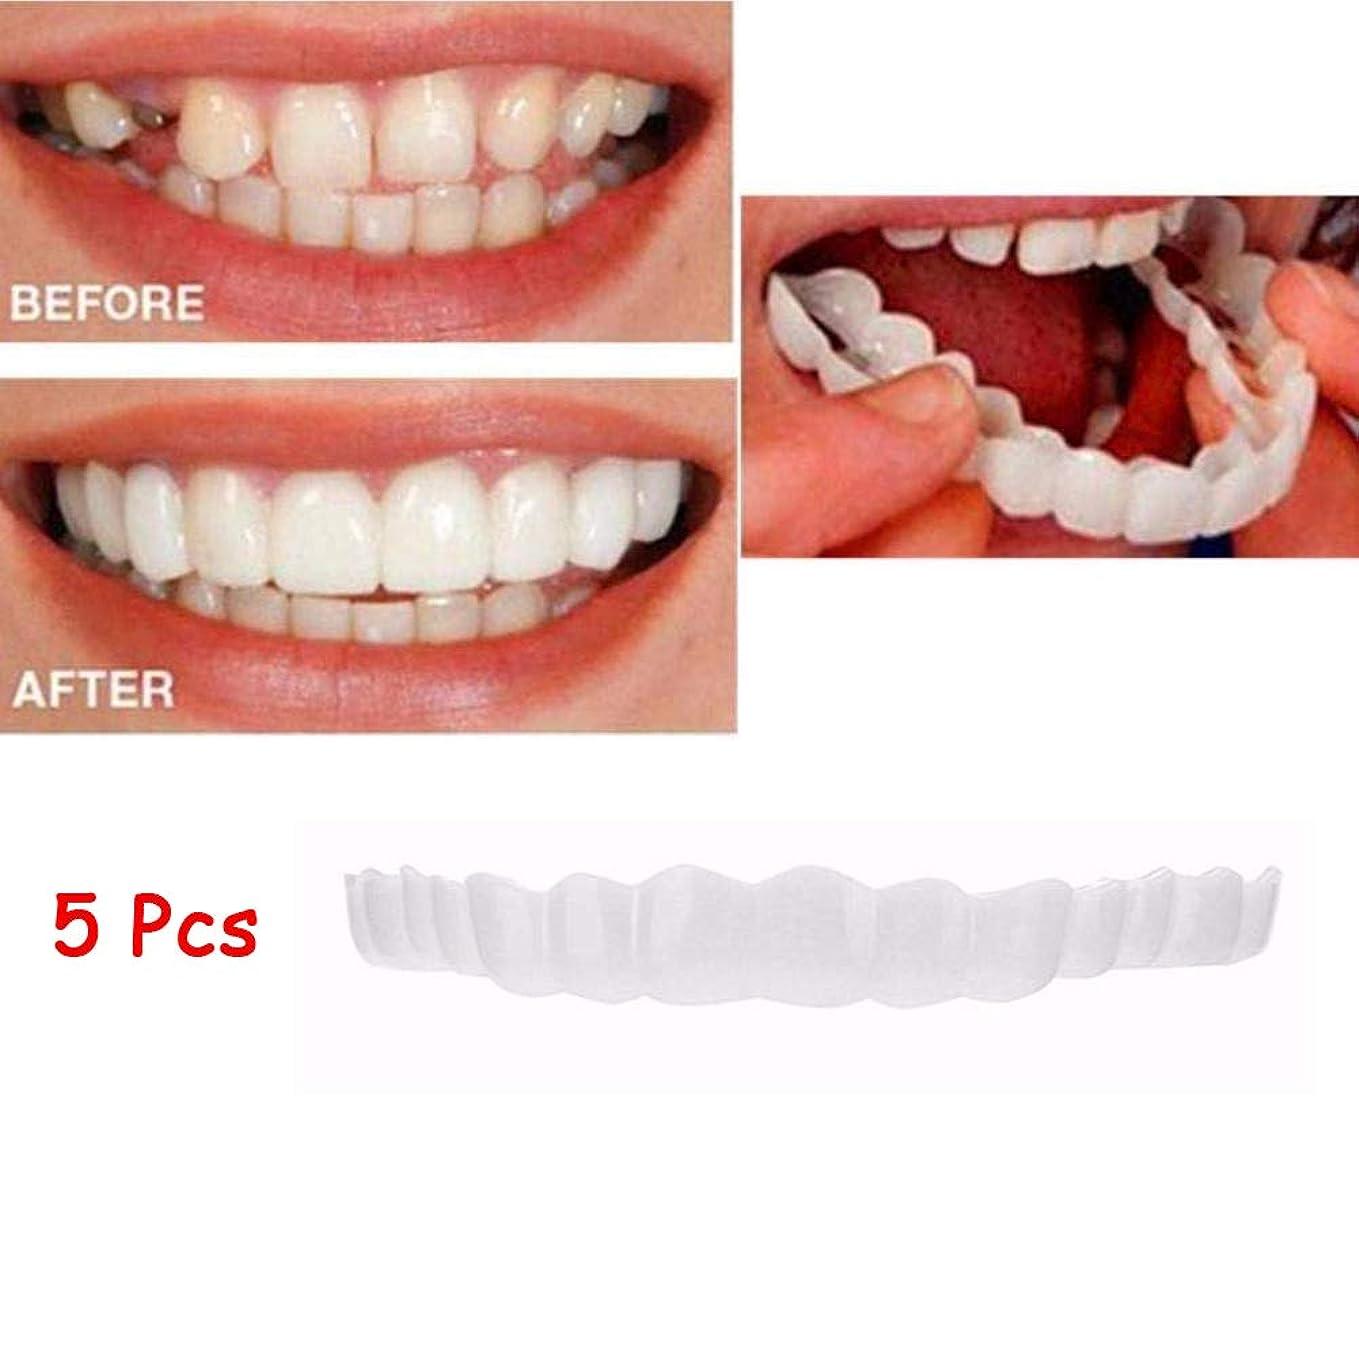 試用法廷シャーク5本突き板、化粧品の歯 - 一時的な笑顔の快適さフィットフレックス化粧品の歯ワンサイズは最も快適な歯のベニーにフィット